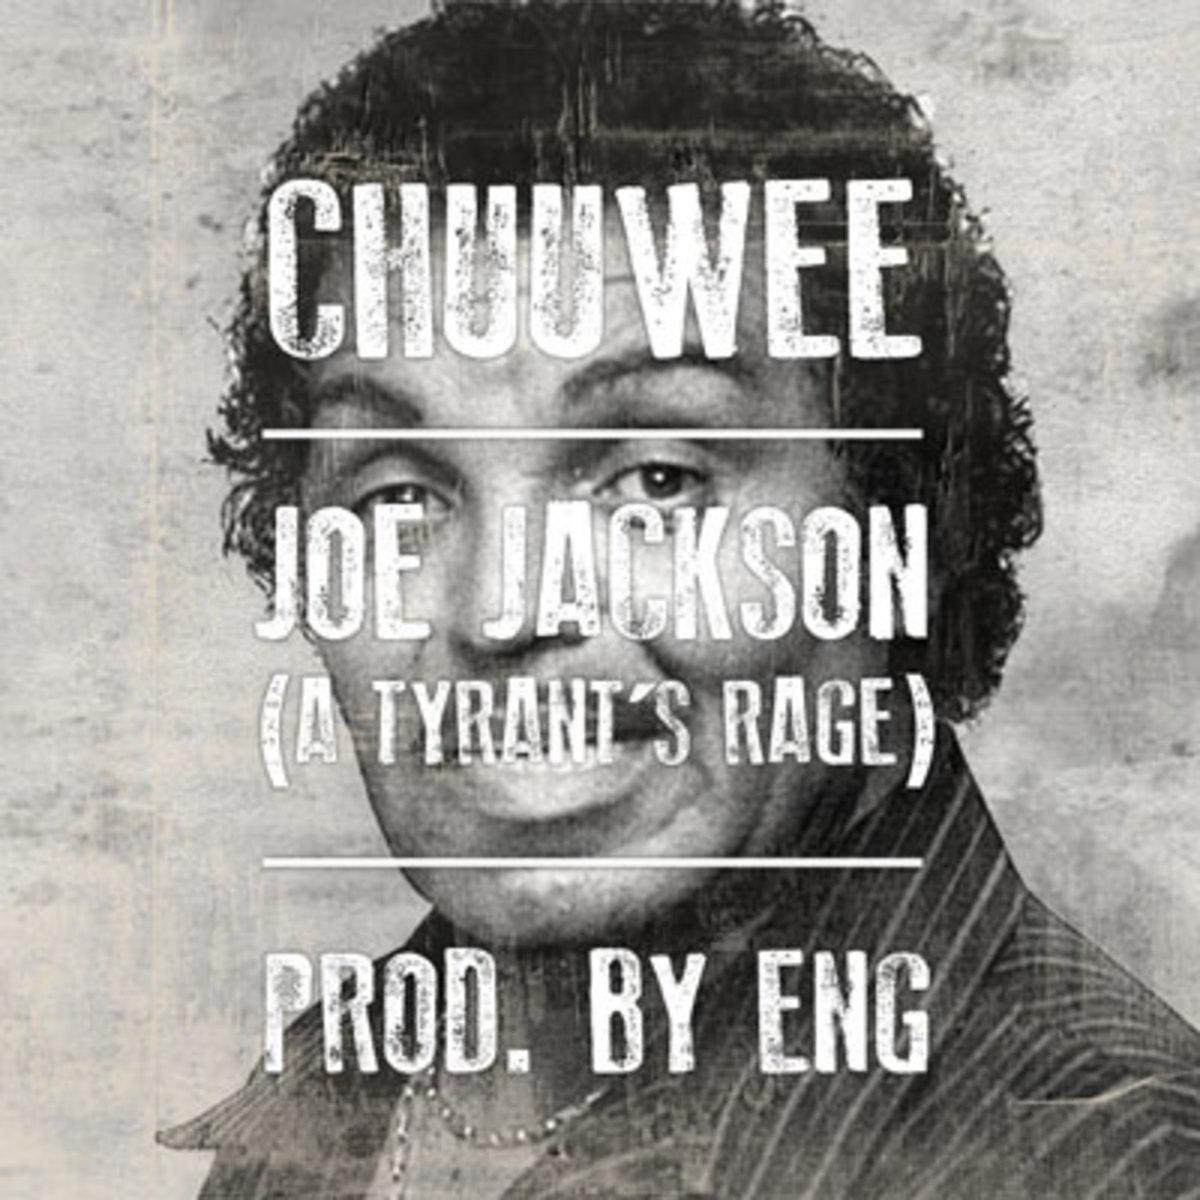 chuuwee-joejackson.jpg